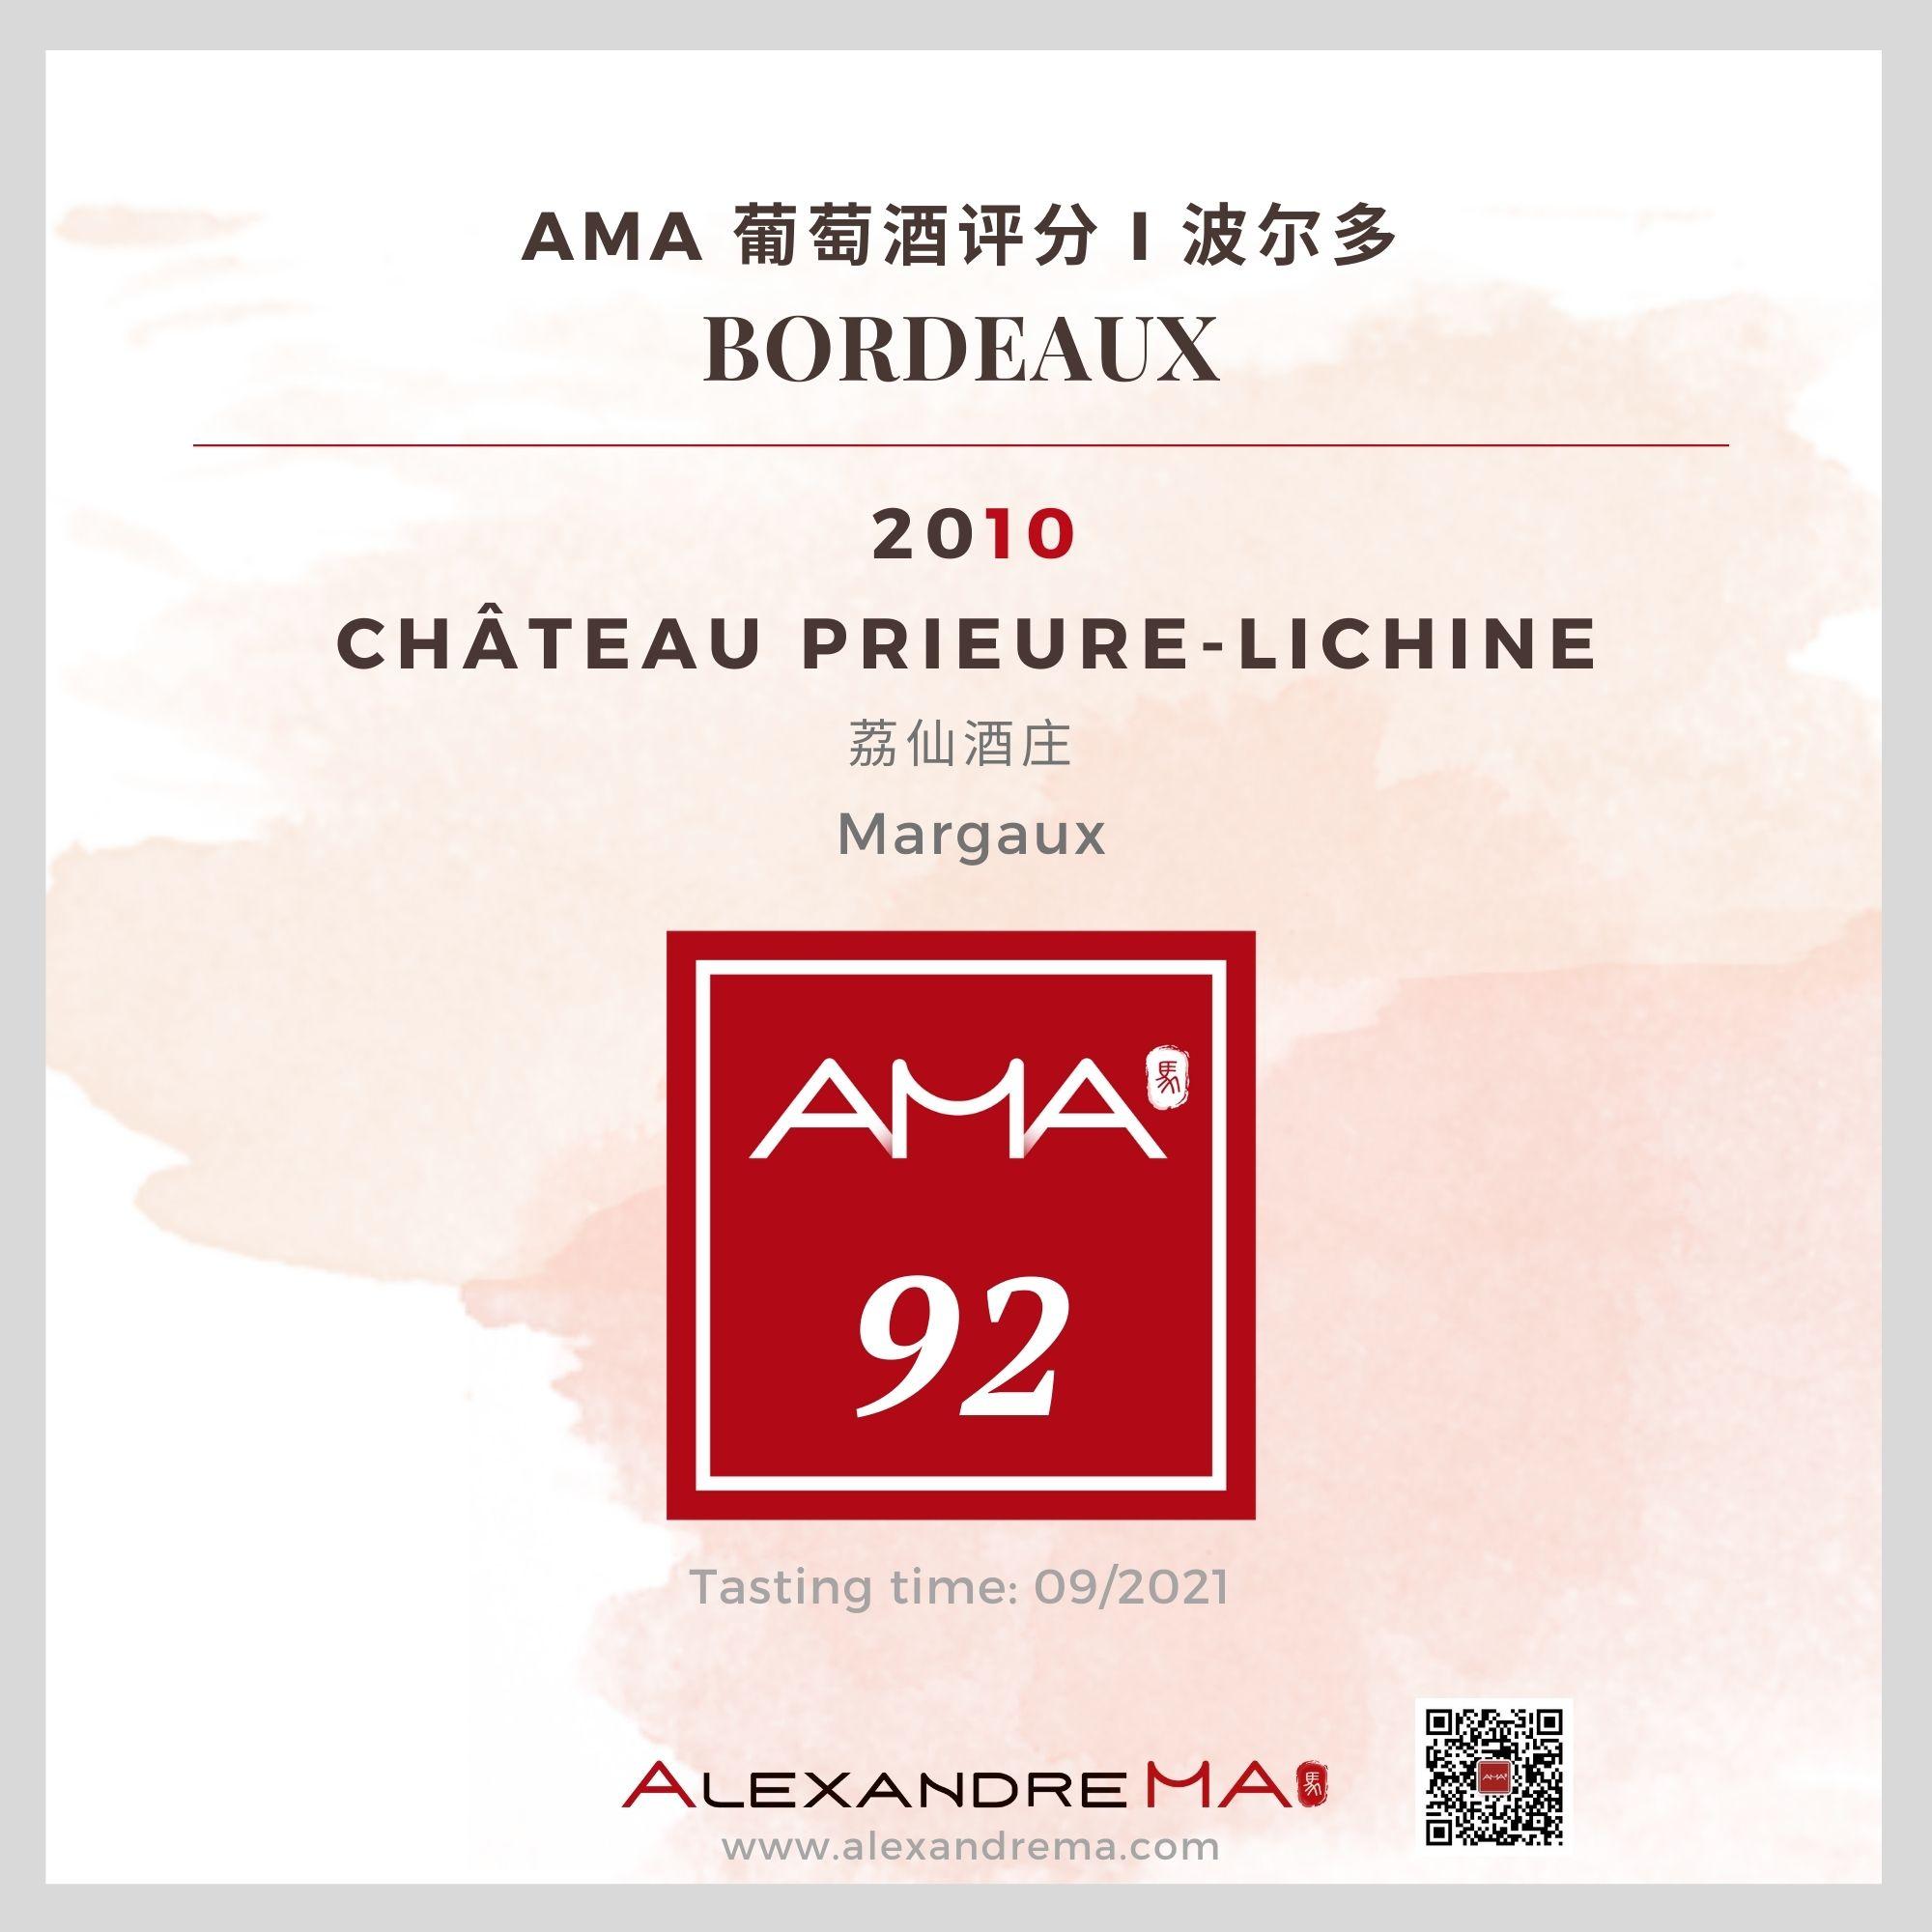 Château Prieuré-Lichine 2010 荔仙酒庄 - Alexandre Ma